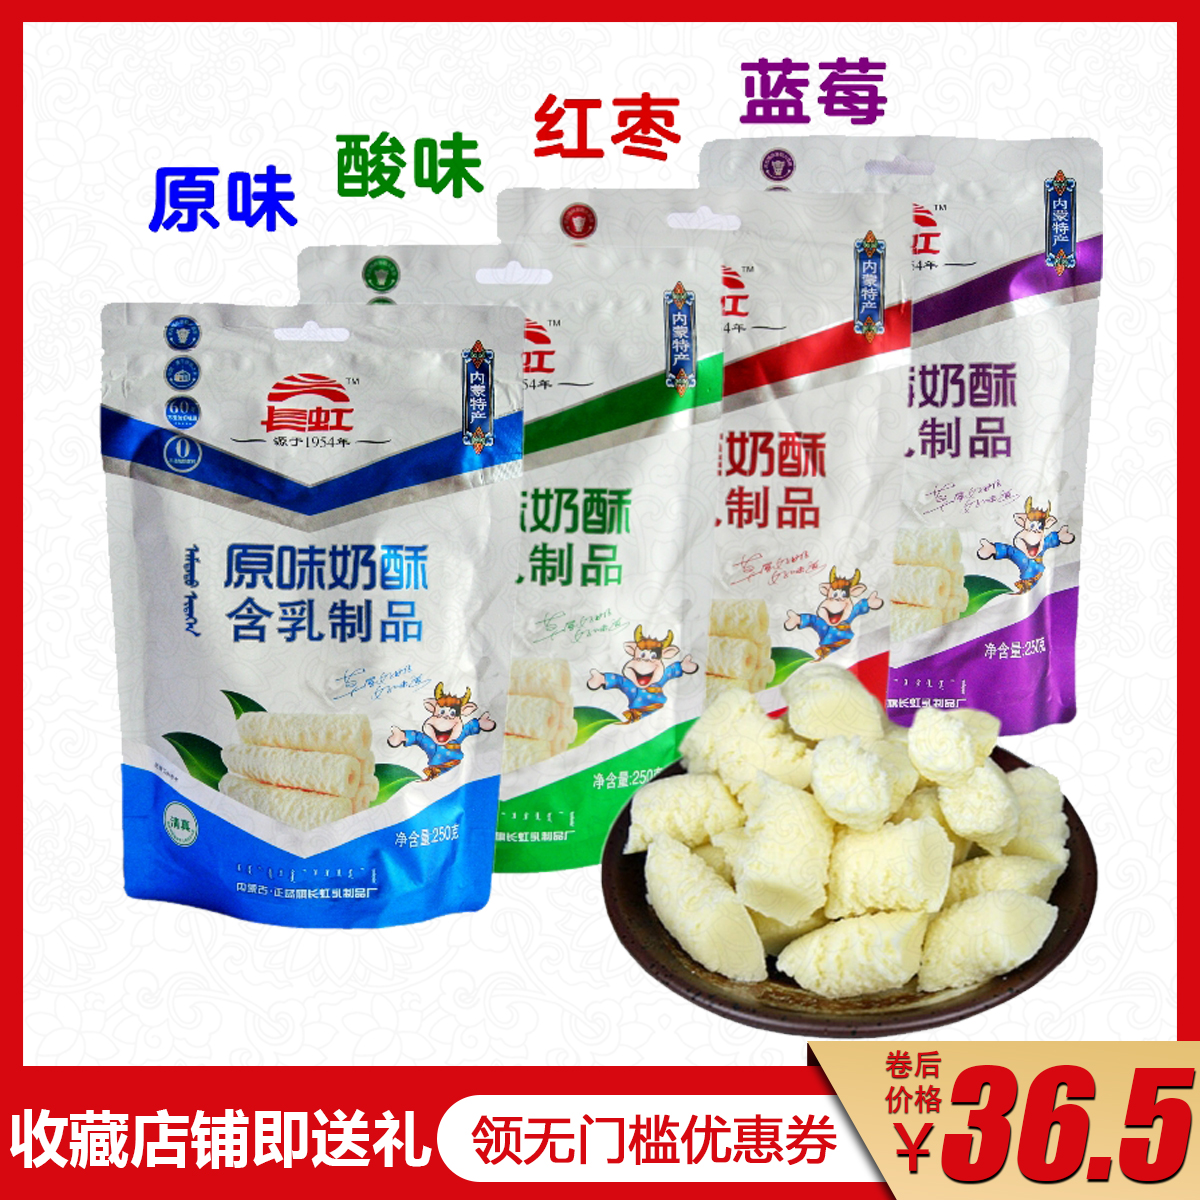 内蒙特产长虹套餐蓝莓红枣原味酸奶奶酪奶酥乳制品250g半斤包邮